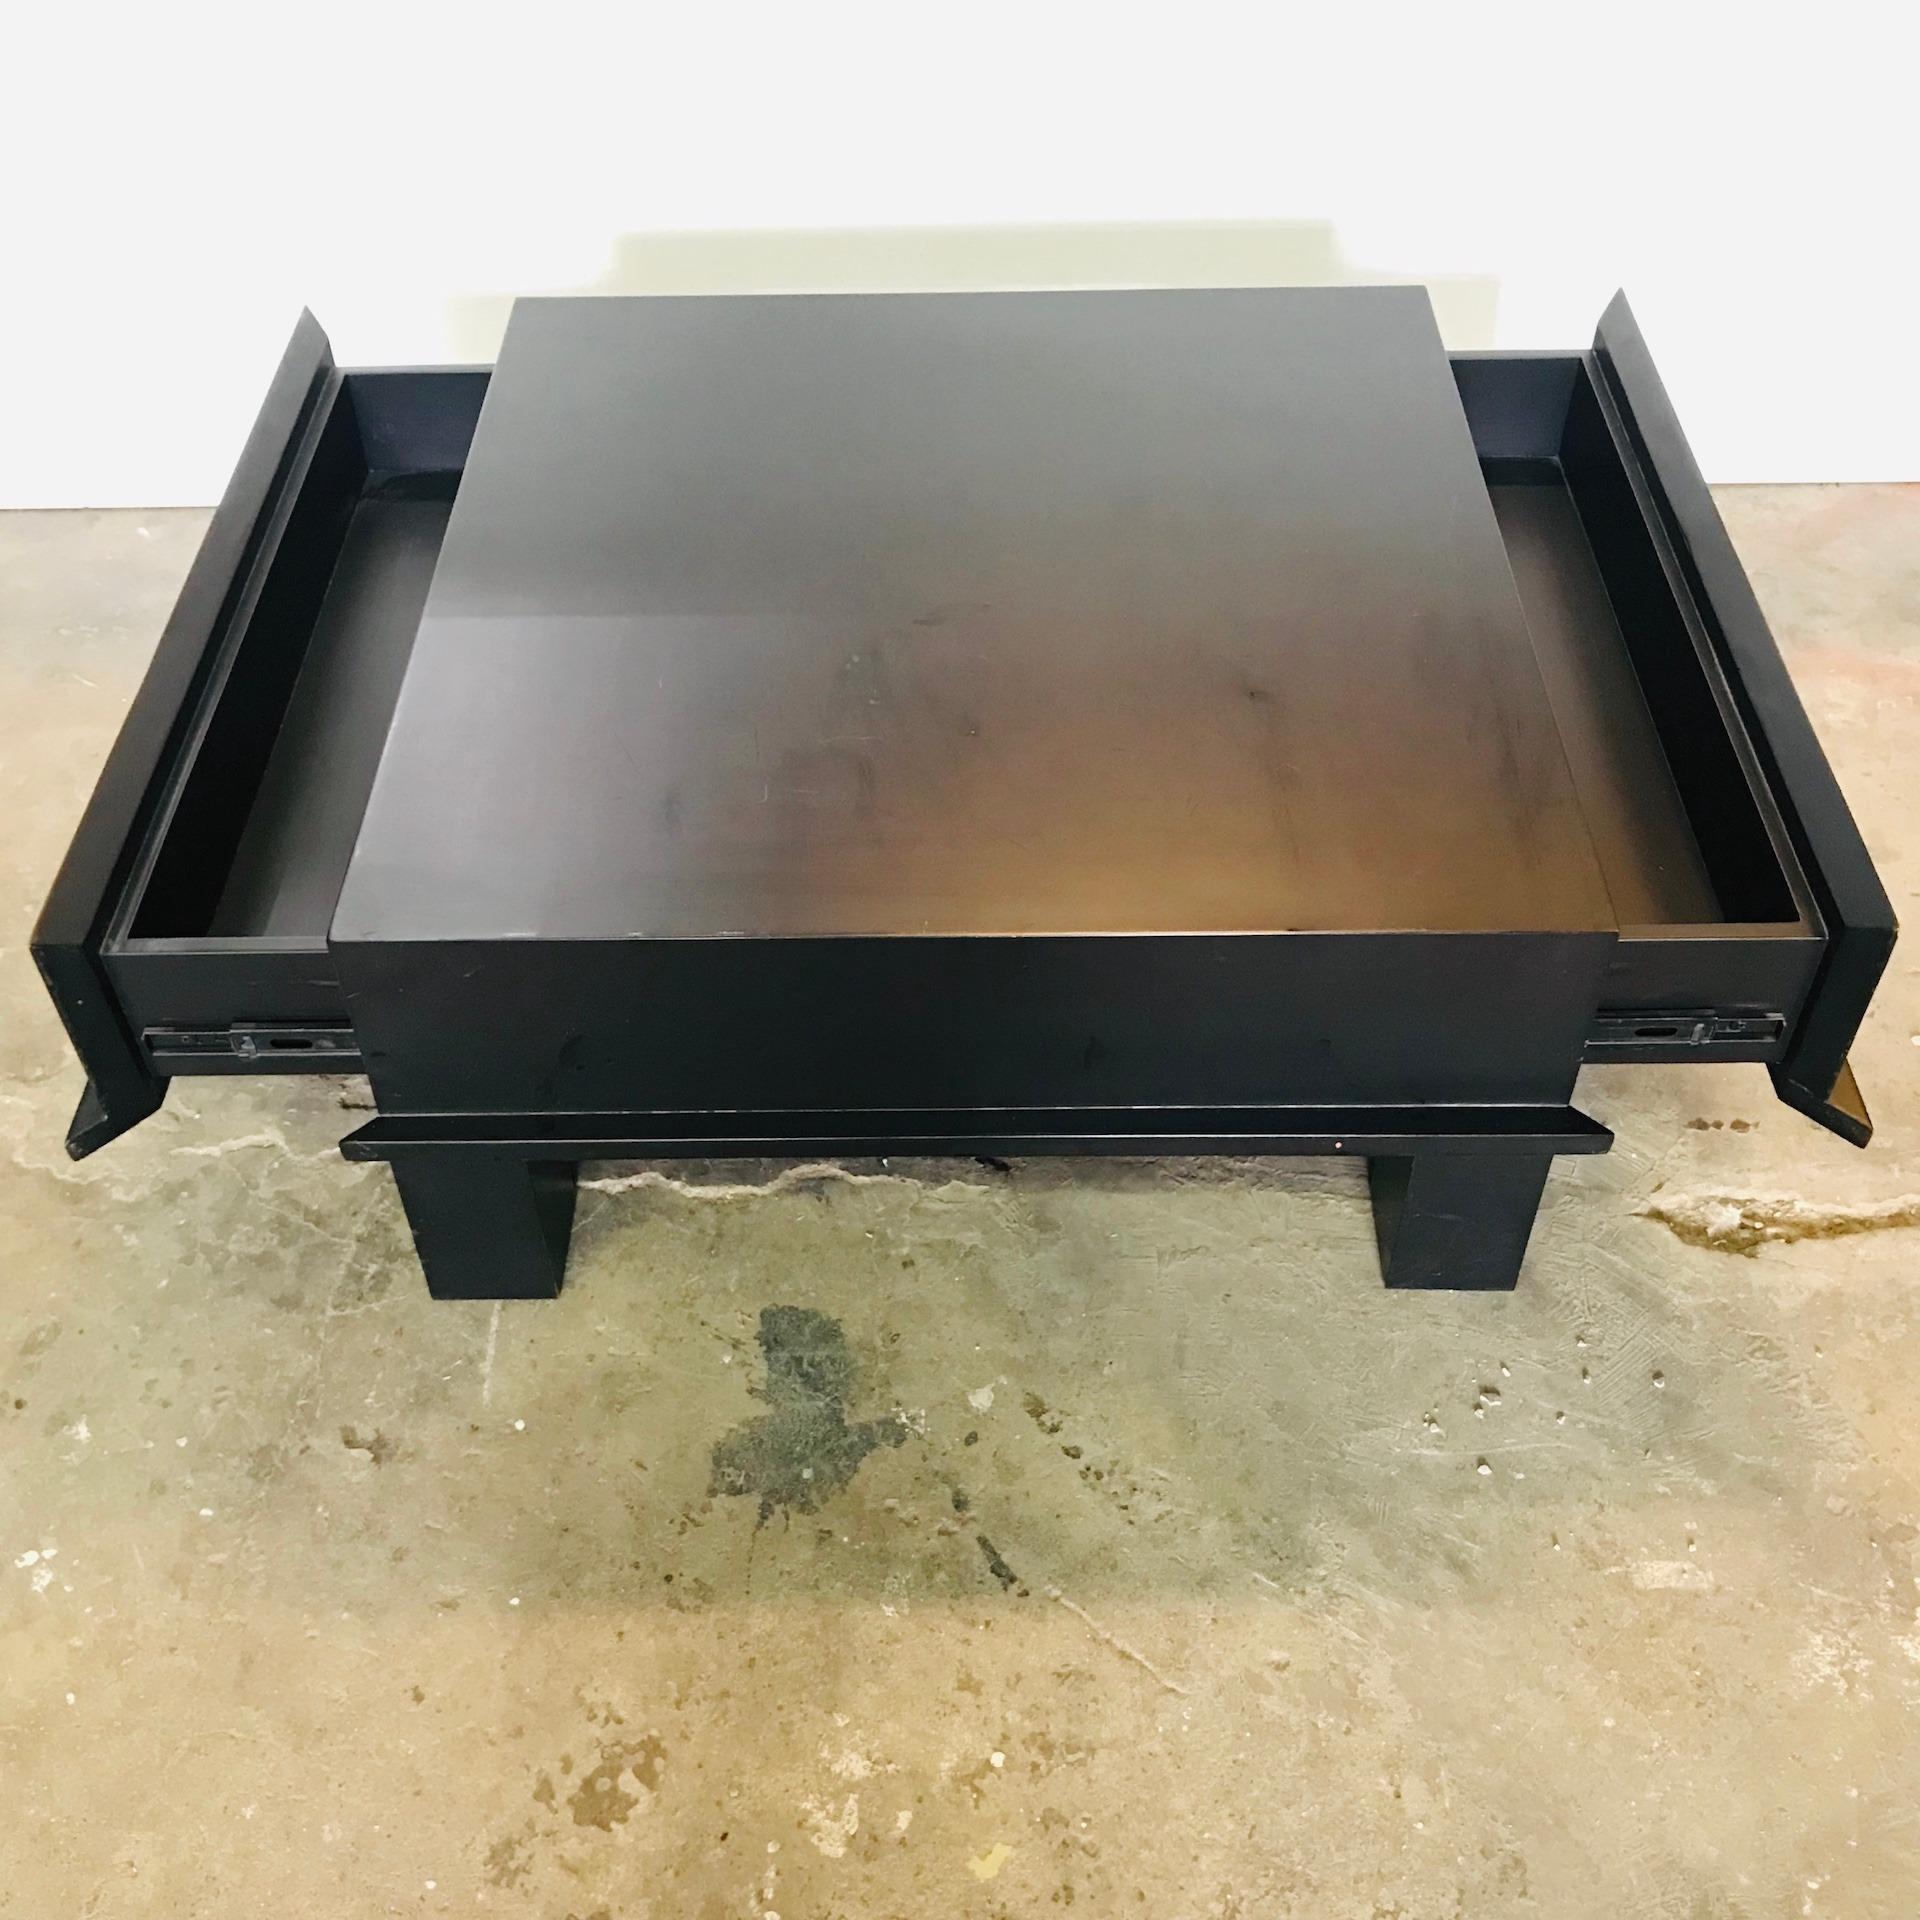 Nyatoh Wood Coffee Table, Wenge Stain (Display Model)